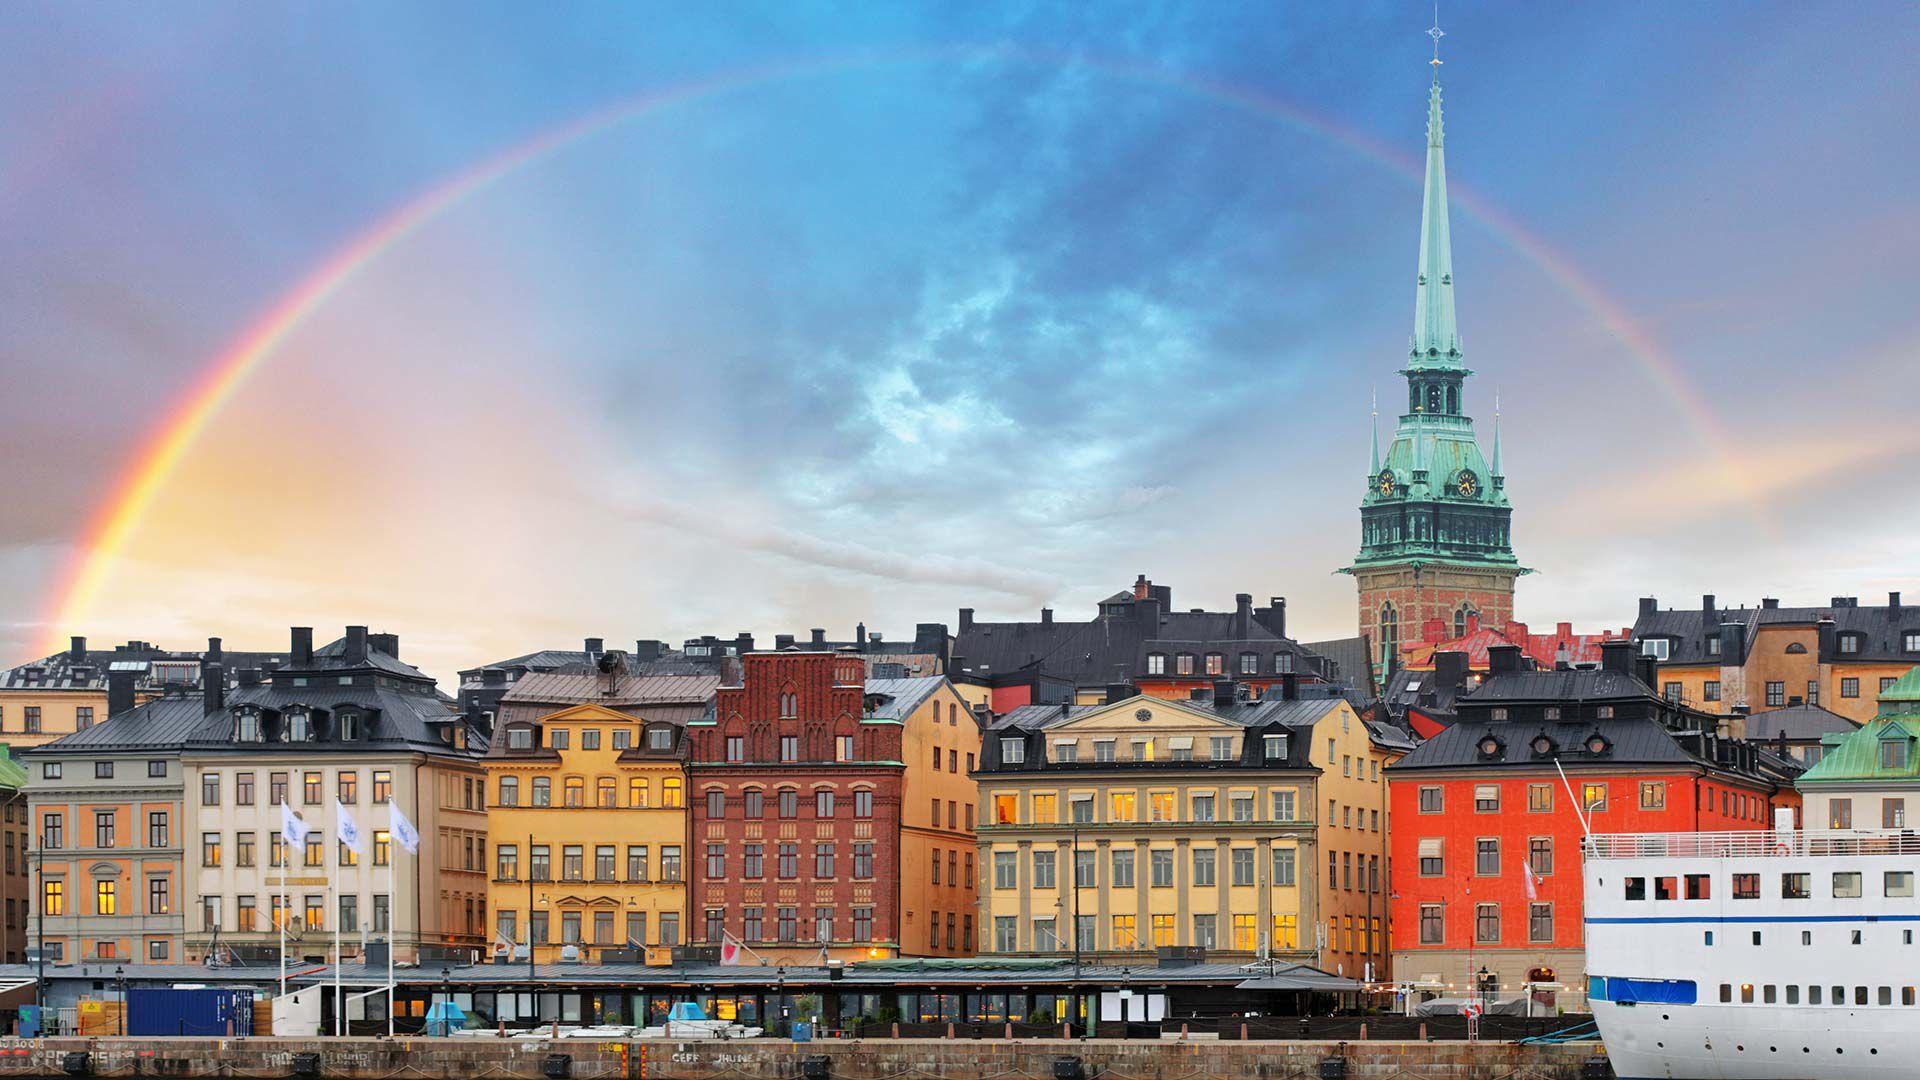 Stockholm Hd Background